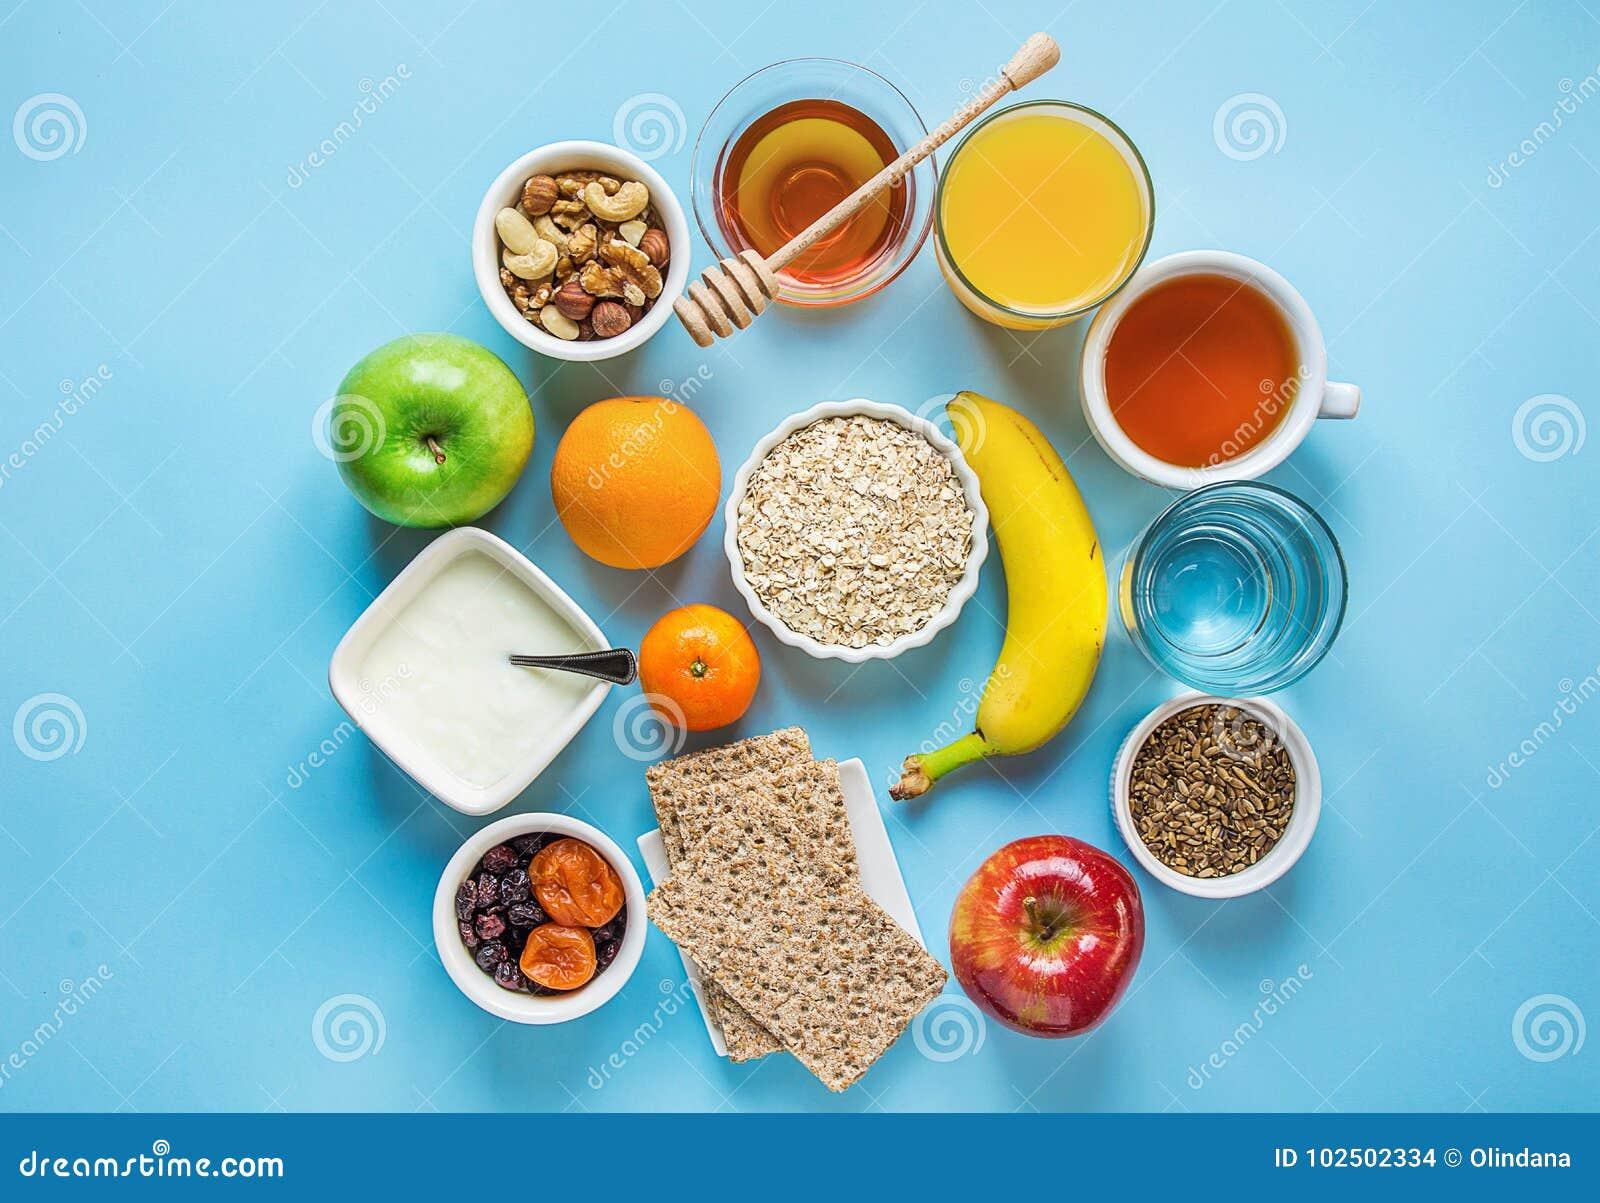 Farinha de aveia saudável Honey Fruits Apples Banana Orange Juice Water Green Tea Nuts da digestão das fontes da fibra do café da